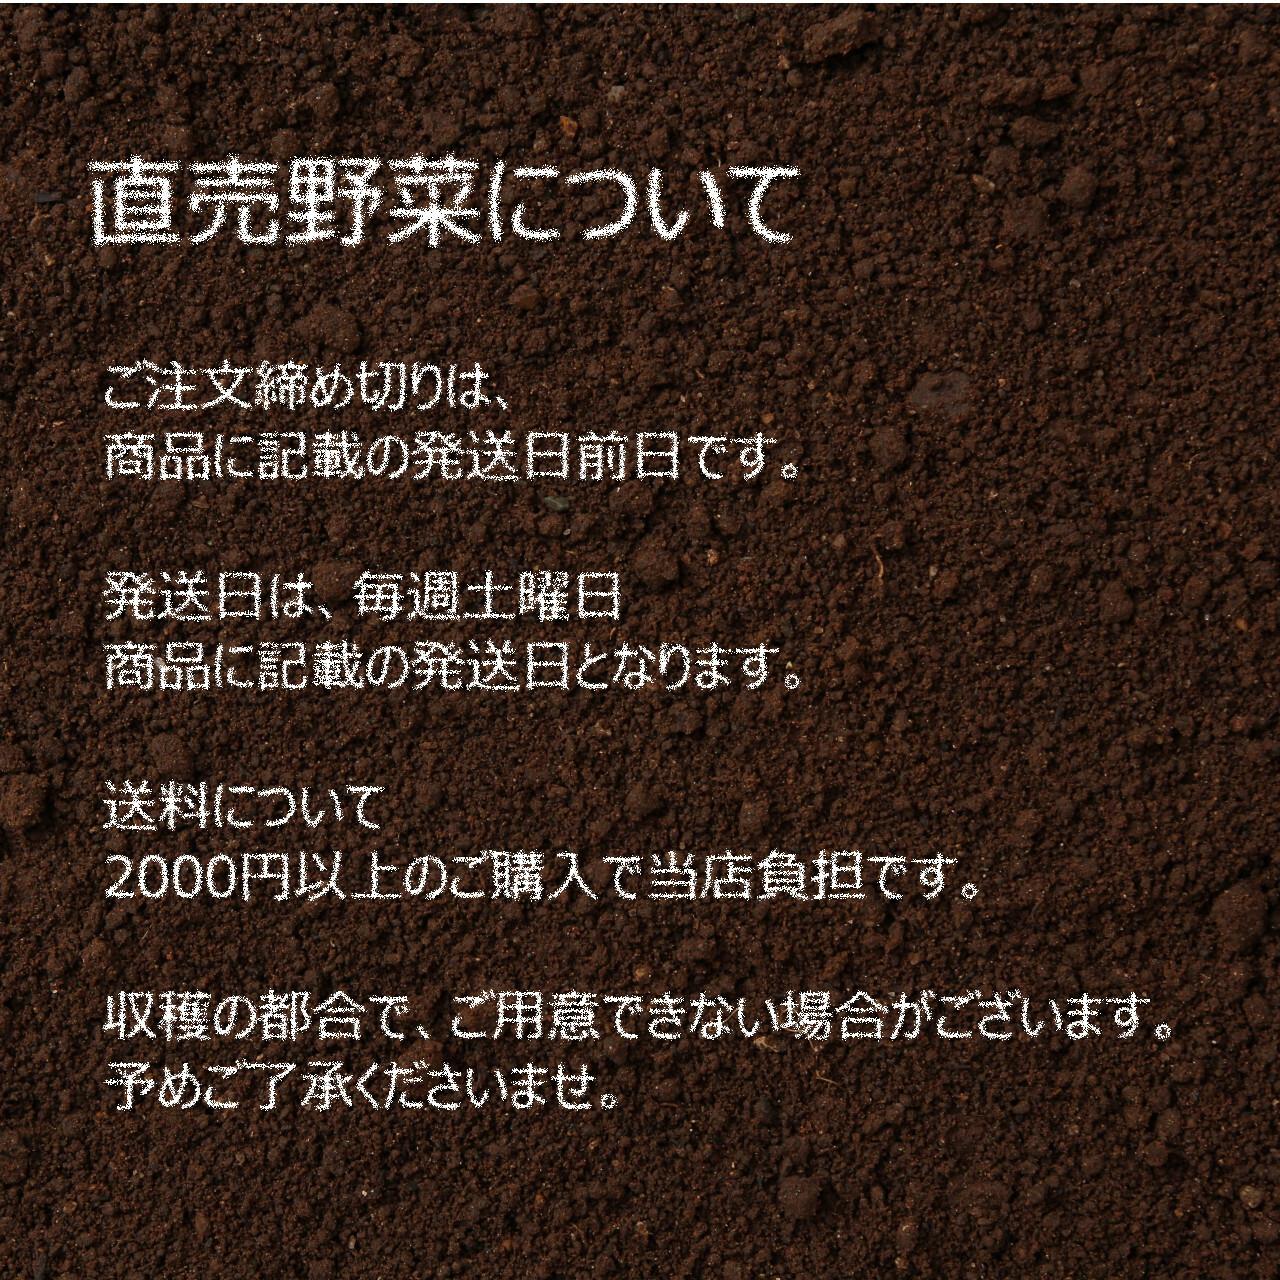 6月の朝採り直売野菜 : スナップエンドウ 約300g 6月8日発送予定